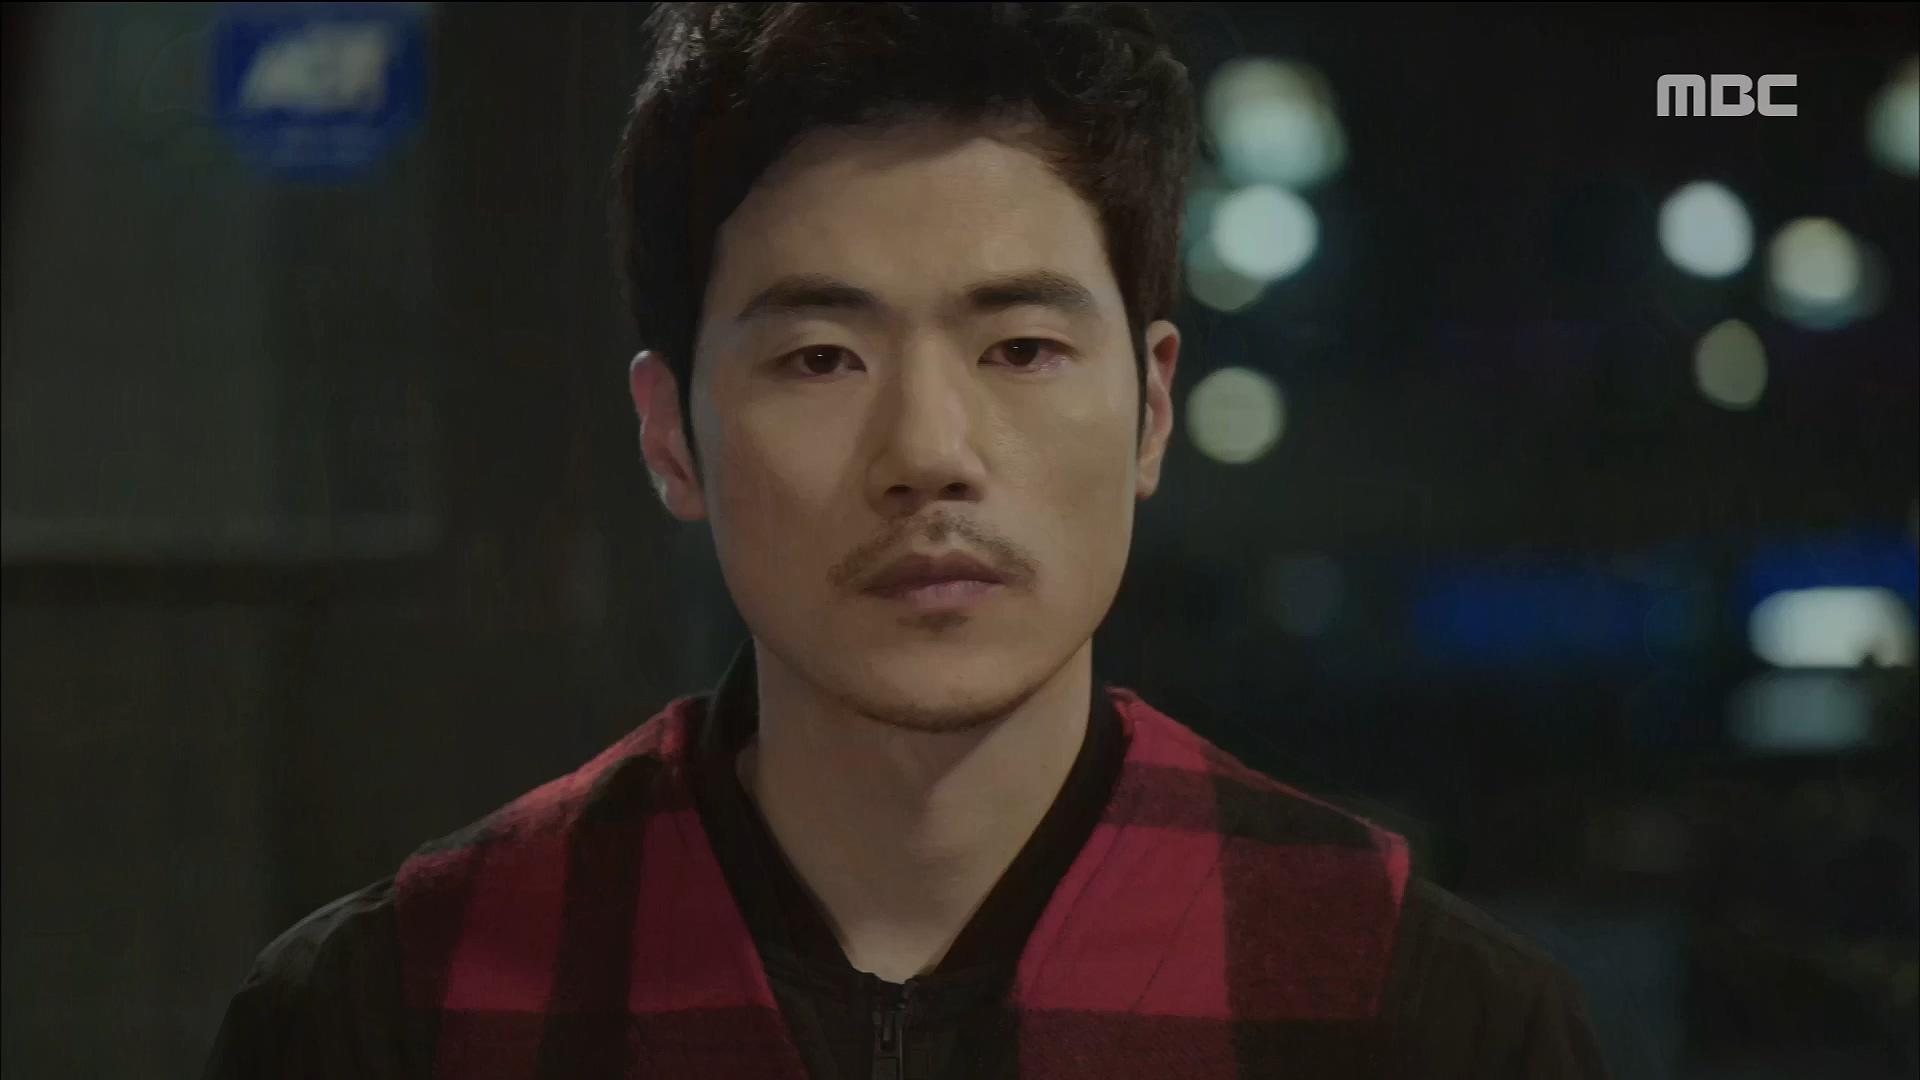 유이, 만취 상태에도 김강우만 보면 눈에서 하트가 뿅!♡